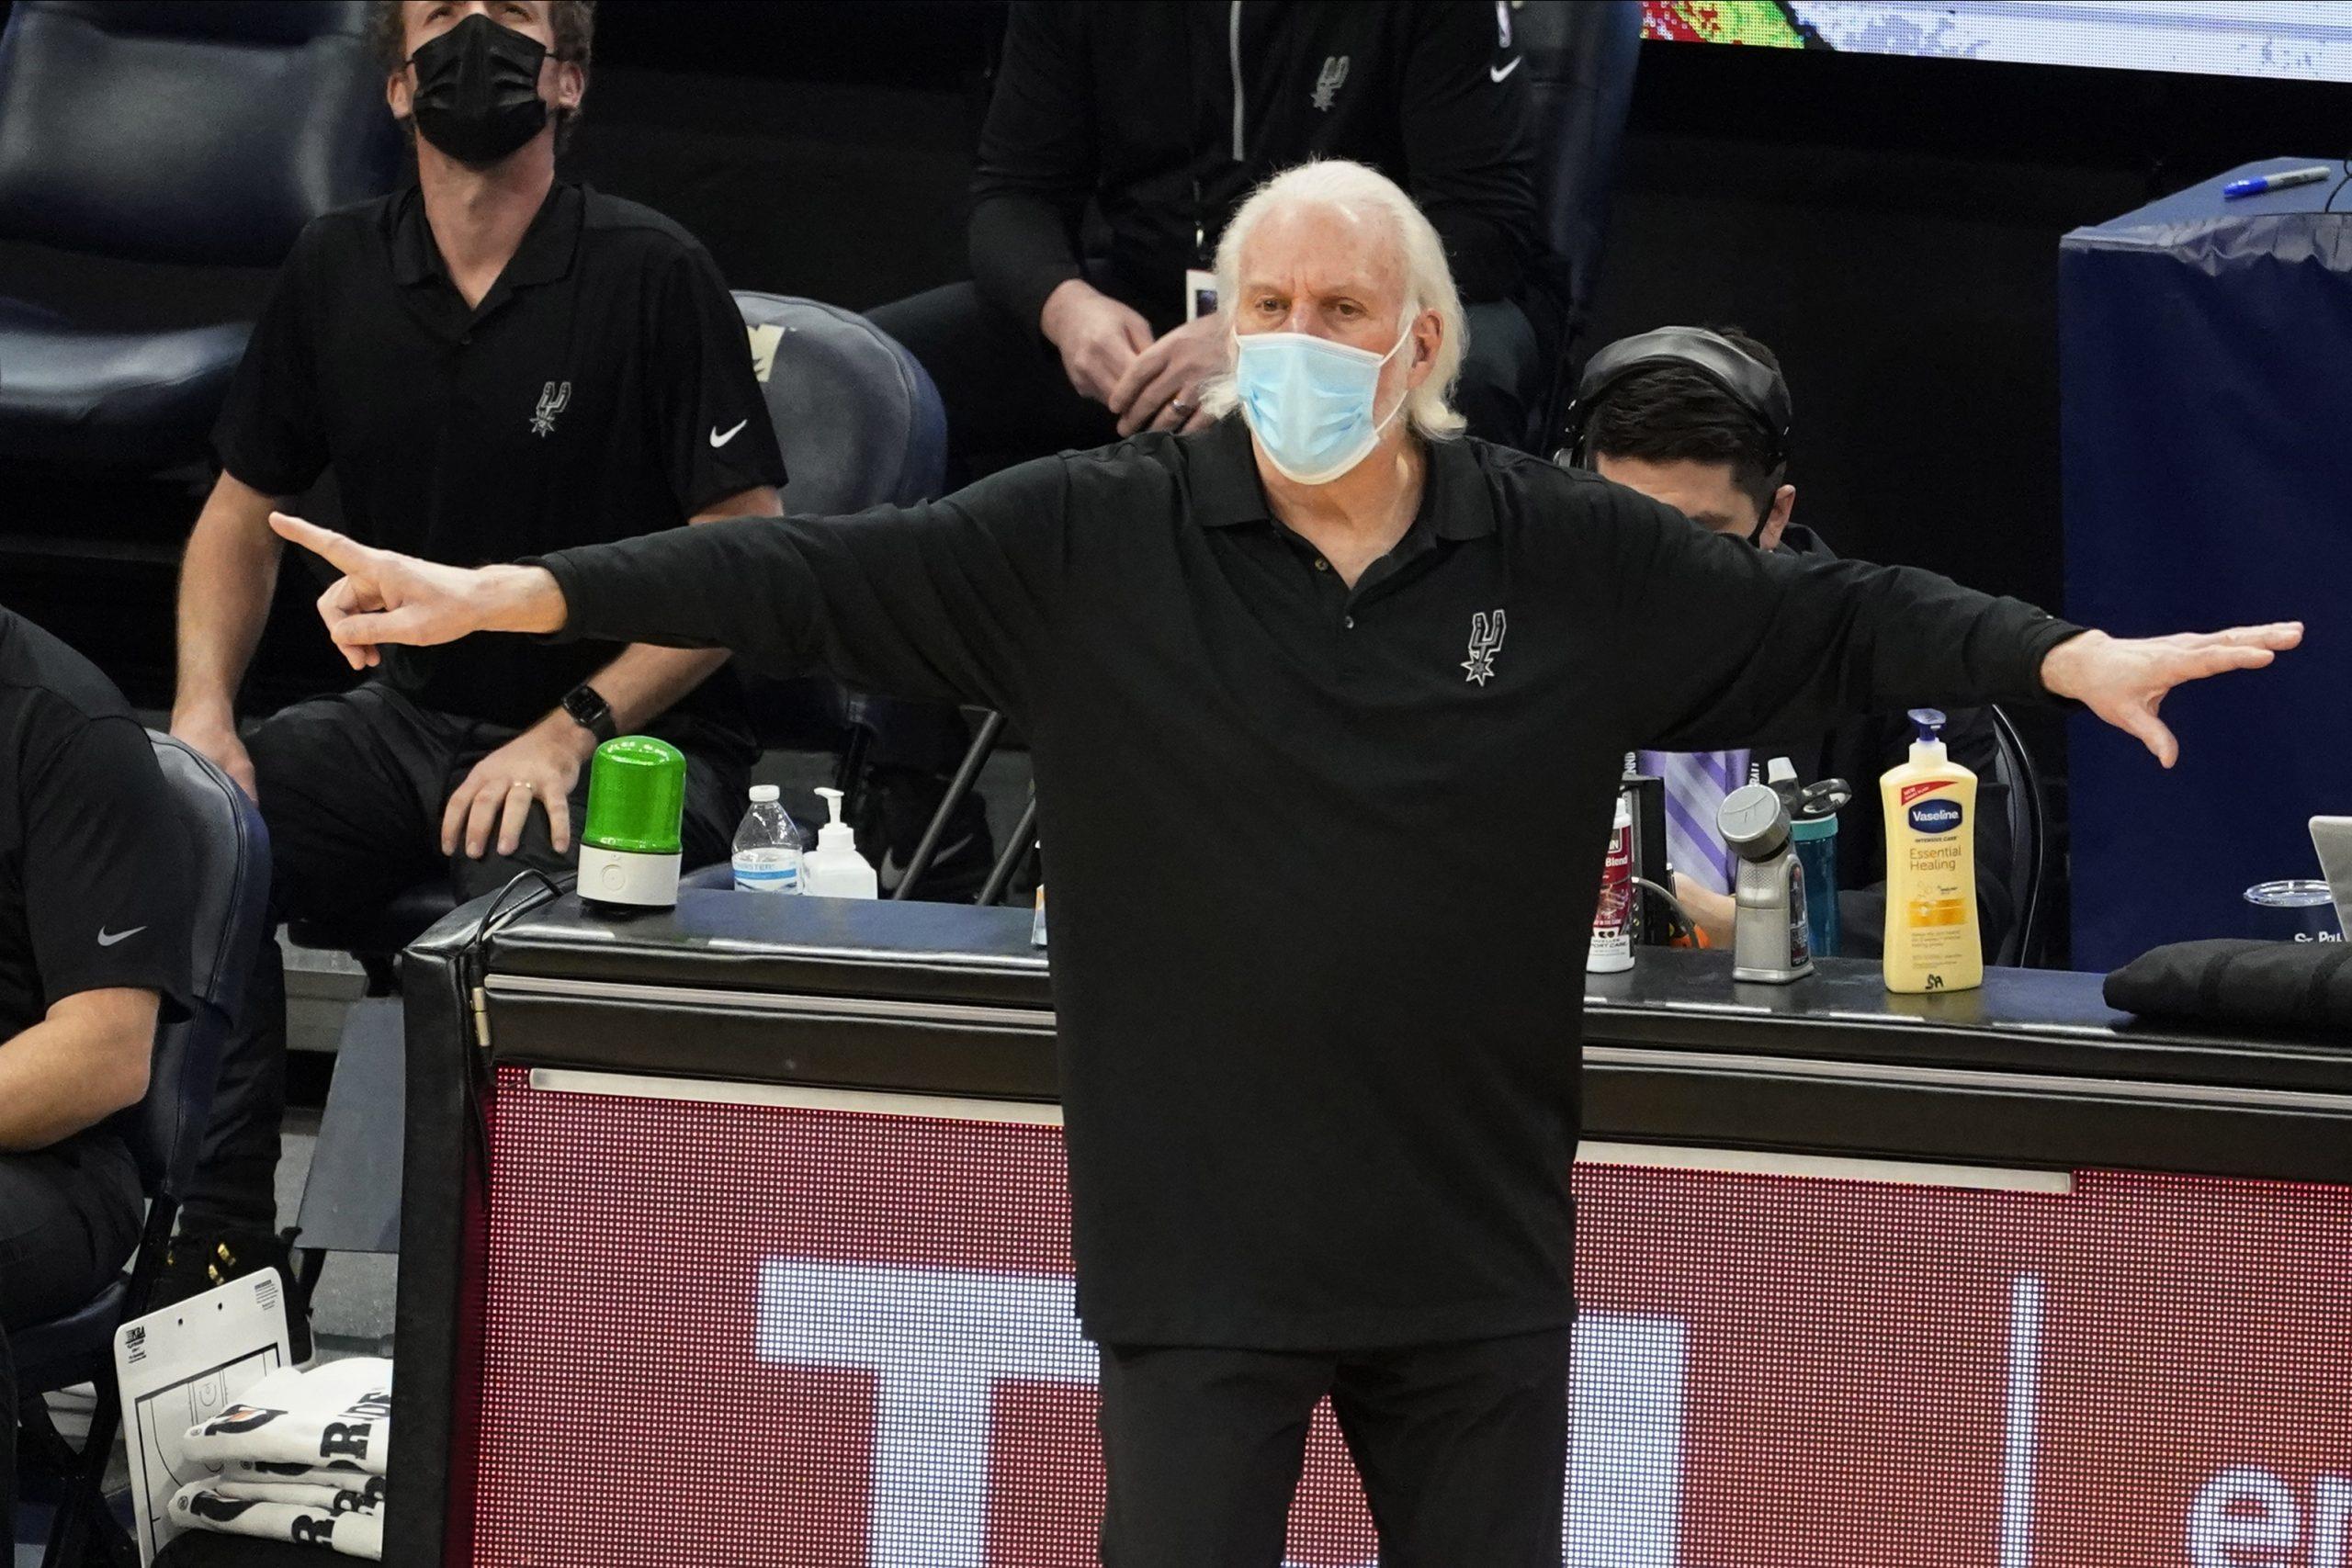 NBA sezonas spilgtākais mirklis – Popoviča lidojums